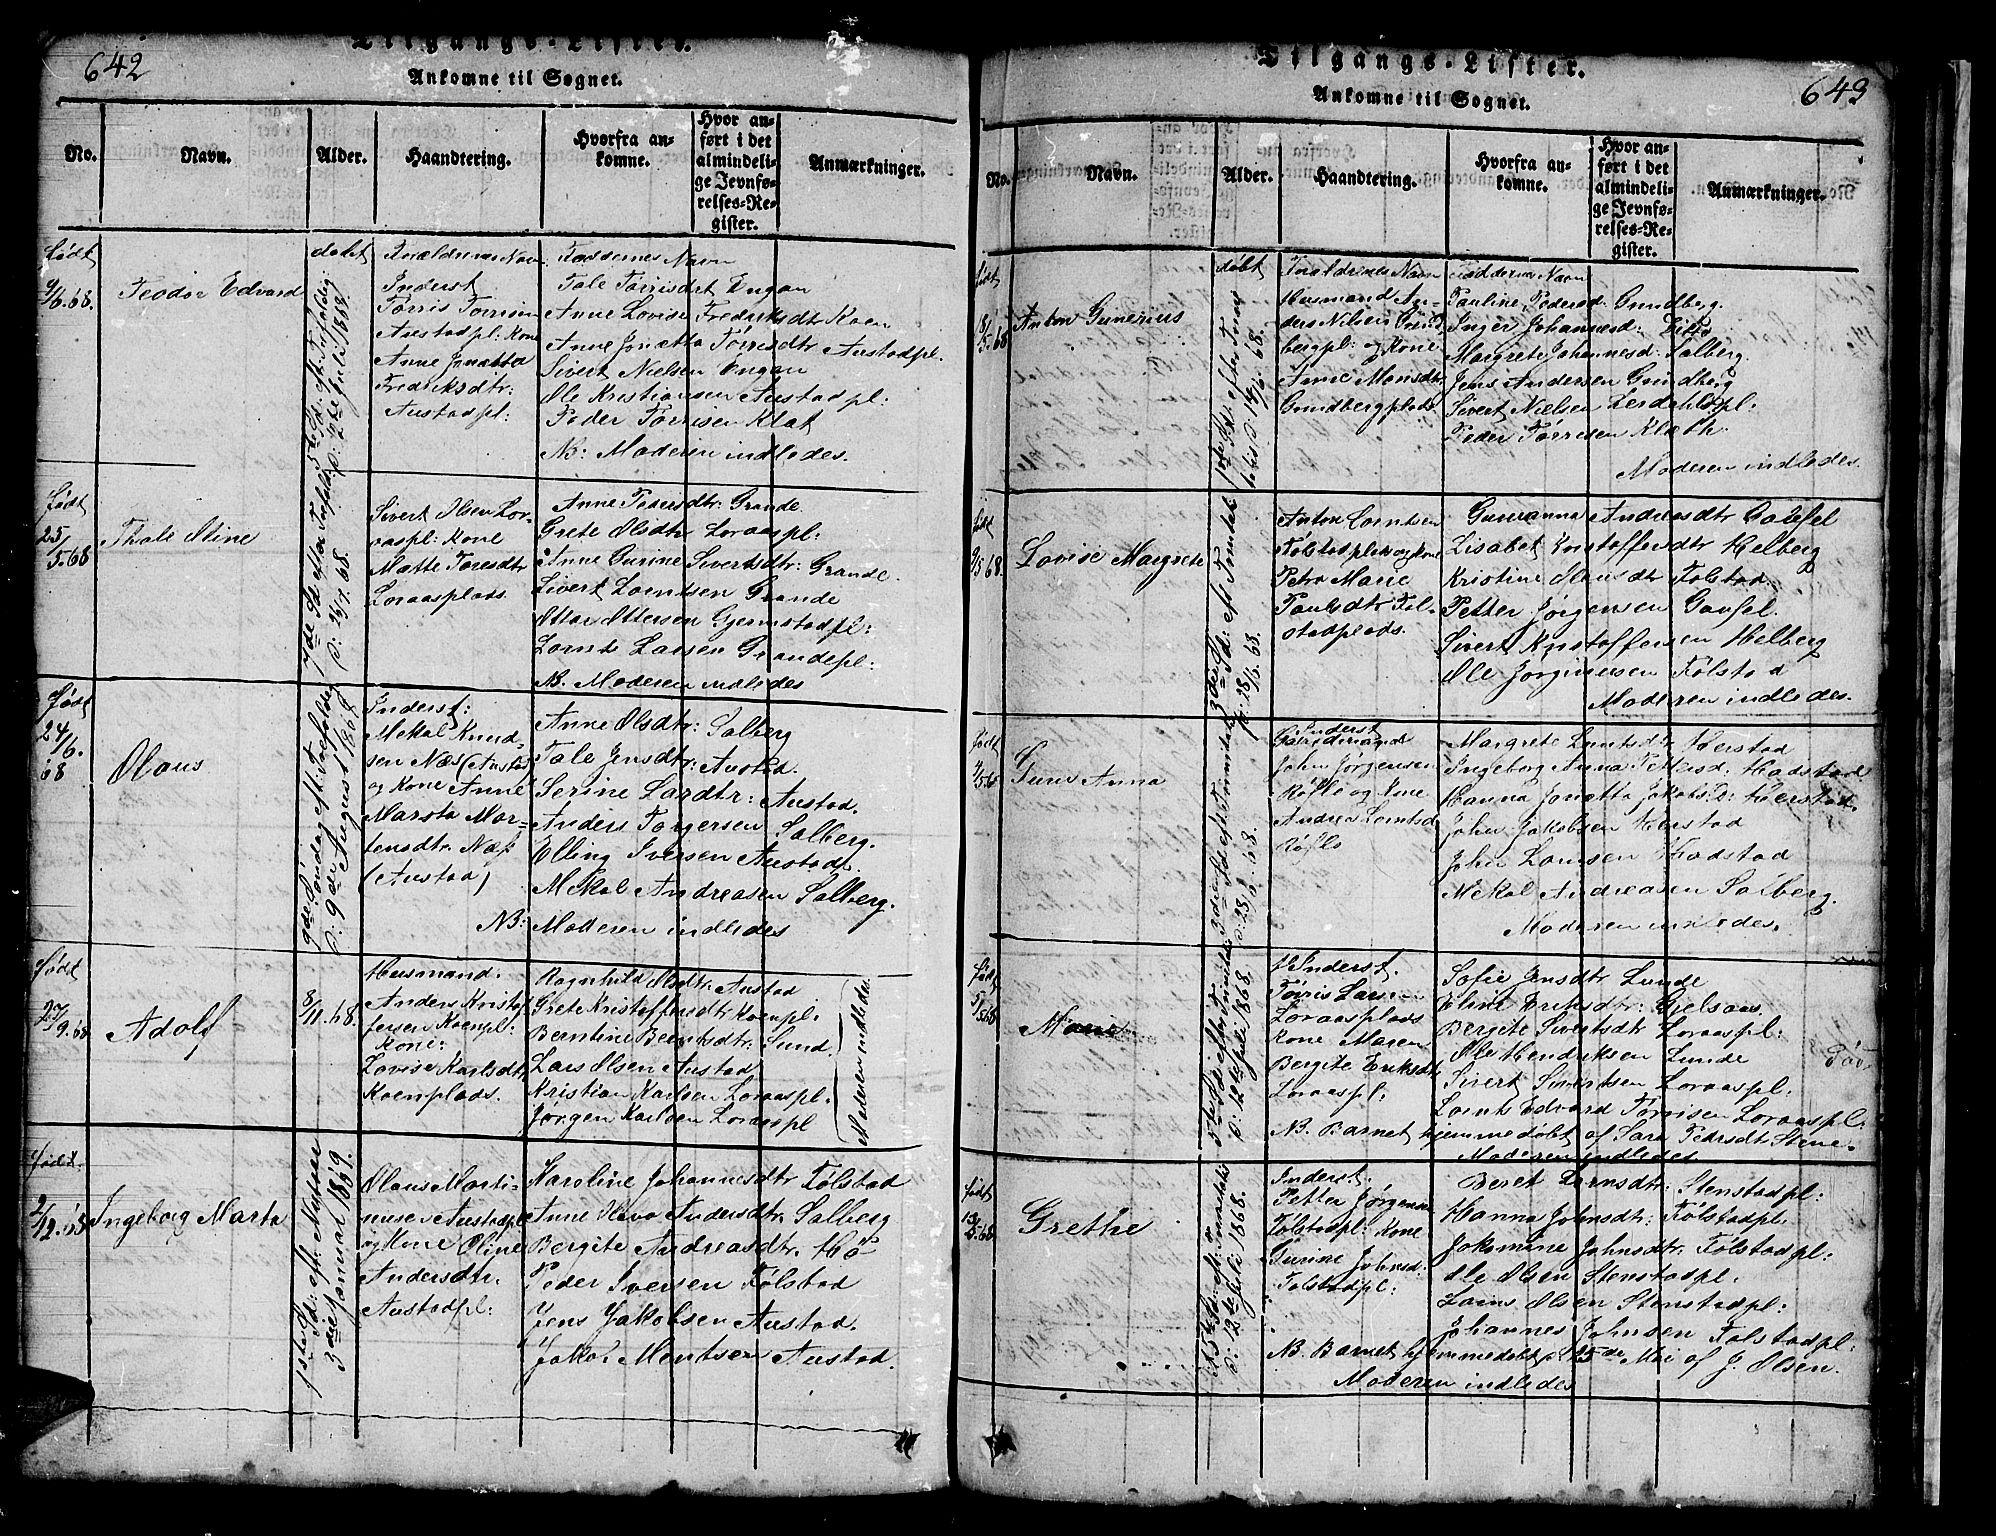 SAT, Ministerialprotokoller, klokkerbøker og fødselsregistre - Nord-Trøndelag, 731/L0310: Klokkerbok nr. 731C01, 1816-1874, s. 642-643